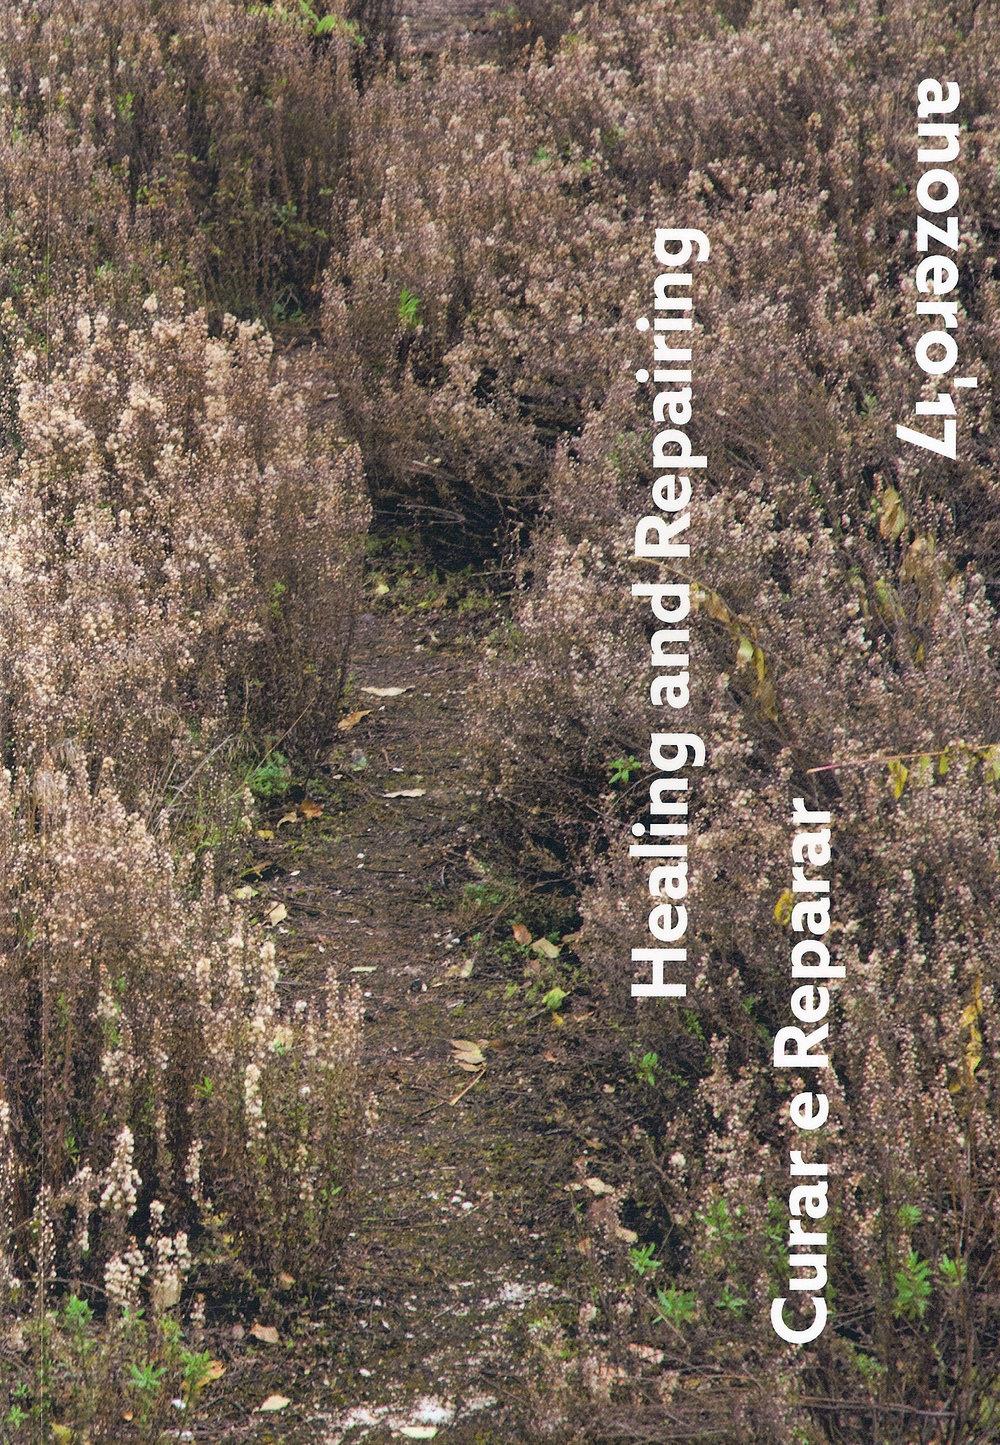 """- Anozero'17 - Healing and Repairing, was organised by the Círculo de Artes Plásticas de Coimbra (CAPC), the City Hall of Coimbra, and the University of Coimbra, with Chief Curator - Delfim Sardo and Associate Curator - Luiza Teixeira de Freitas.The 2nd Coimbra Biennial of Contemporary Art was on display in several spaces from Nov 13, 2017, 4 p.m to Dec 30, 2017, 6 p.m.Anozero'17 – """"Healing and Repairing"""" brought together works by Alexandre Estrela, Ângela Ferreira, Buhlebezwe Siwani, Céline Condorelli, Danh Vo, Dominique Gonzalez-Foerster, Ernesto de Sousa, Fernanda Fragateiro, Francis Alys, Franklin Vilas Boas, Gabriela Albergaria, Gustavo Sumpta, Henrique Pavão, James Lee Byars, Jill Magid, Jimmie Durham, João Fiadeiro, João Onofre, Jonathan Uliel Saldanha, Jonathan de Andrade, José Maçãs de Carvalho, Juan Araujo, Julião Sarmento, Kader Attia, Louise Bourgeois, Lucas Arruda, Manon Harrois & Sara Bichão, Maria Arsanios, Matt Mullican, Paloma Bosquê, Pedro Barateiro, Rubens Mano, Salomé Lamas, Sara Bichão, William Kentridge.Catalog design by Joana Monteiro."""